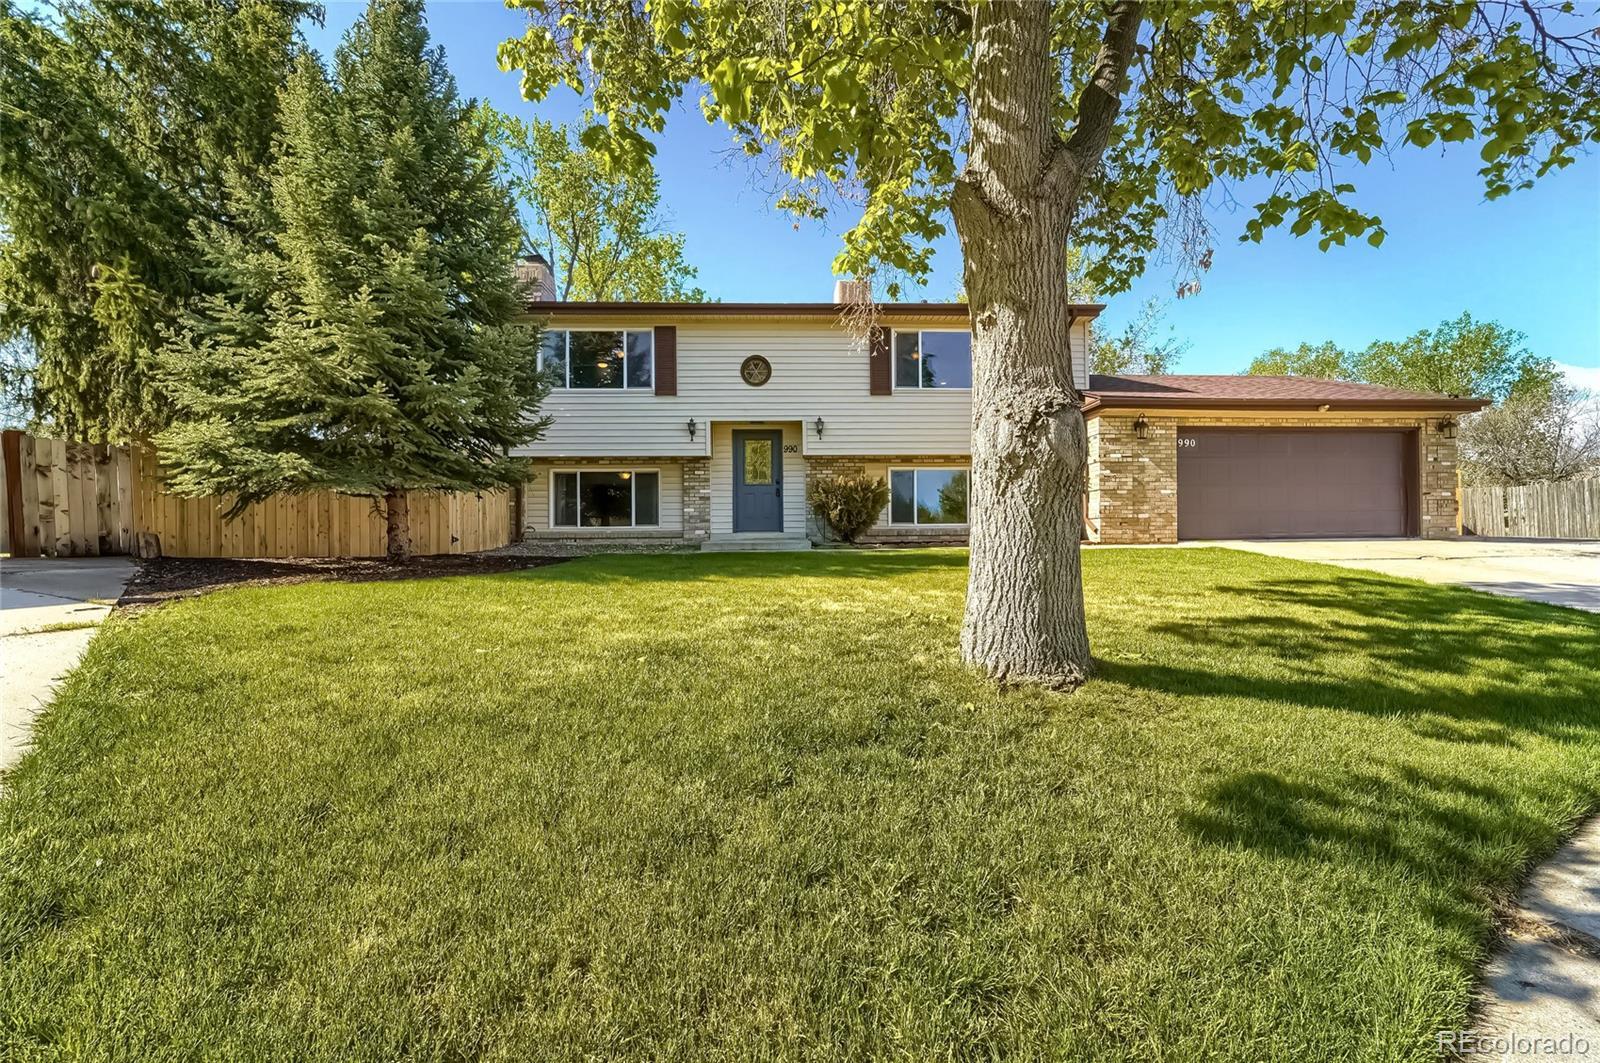 990 S Kenton Street, Aurora, CO 80012 - Aurora, CO real estate listing